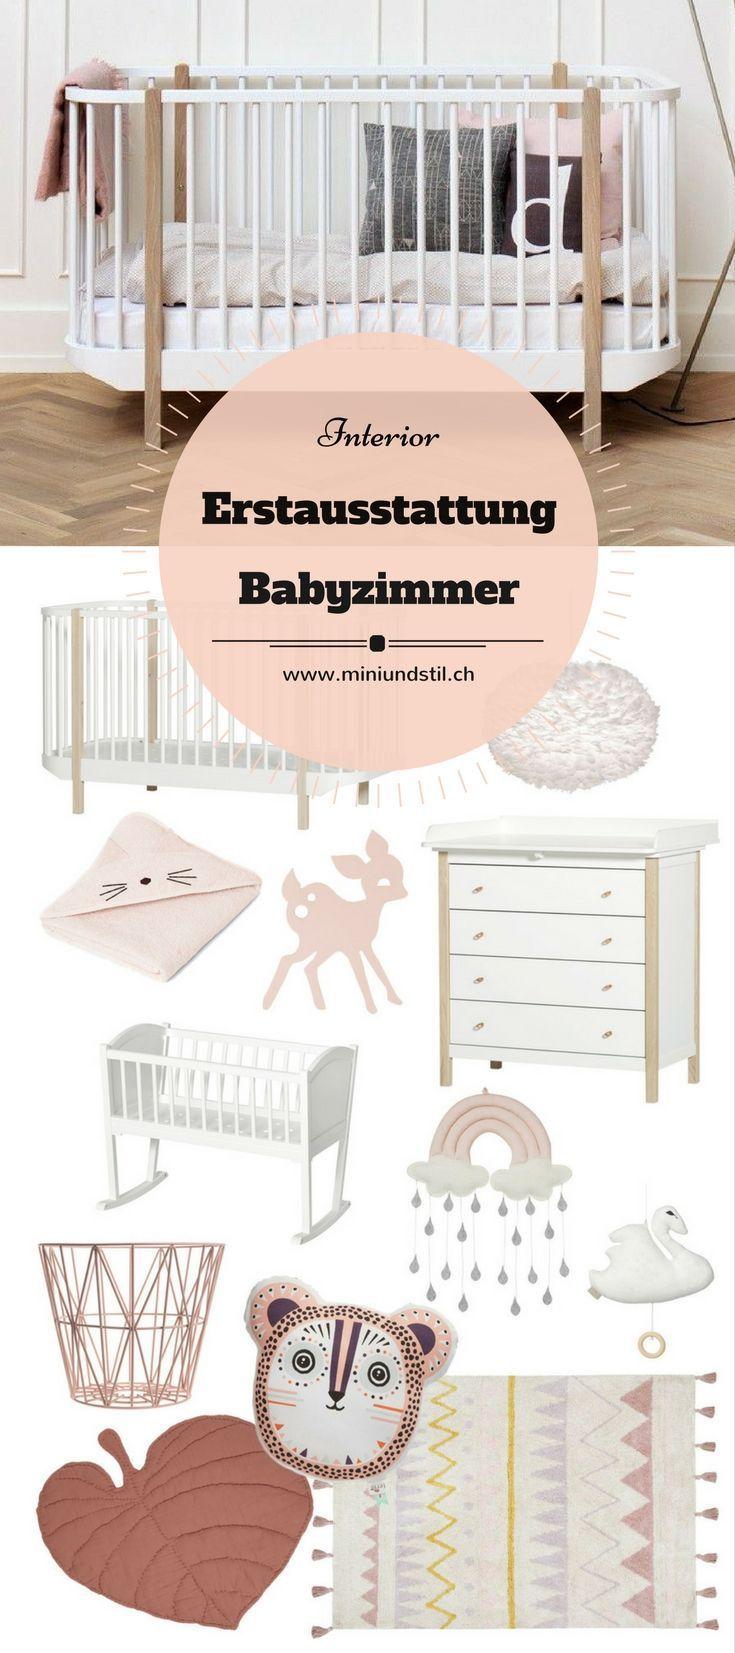 Baby Erstausstattung: Das braucht ihr fürs Kinderzimmer - Mini